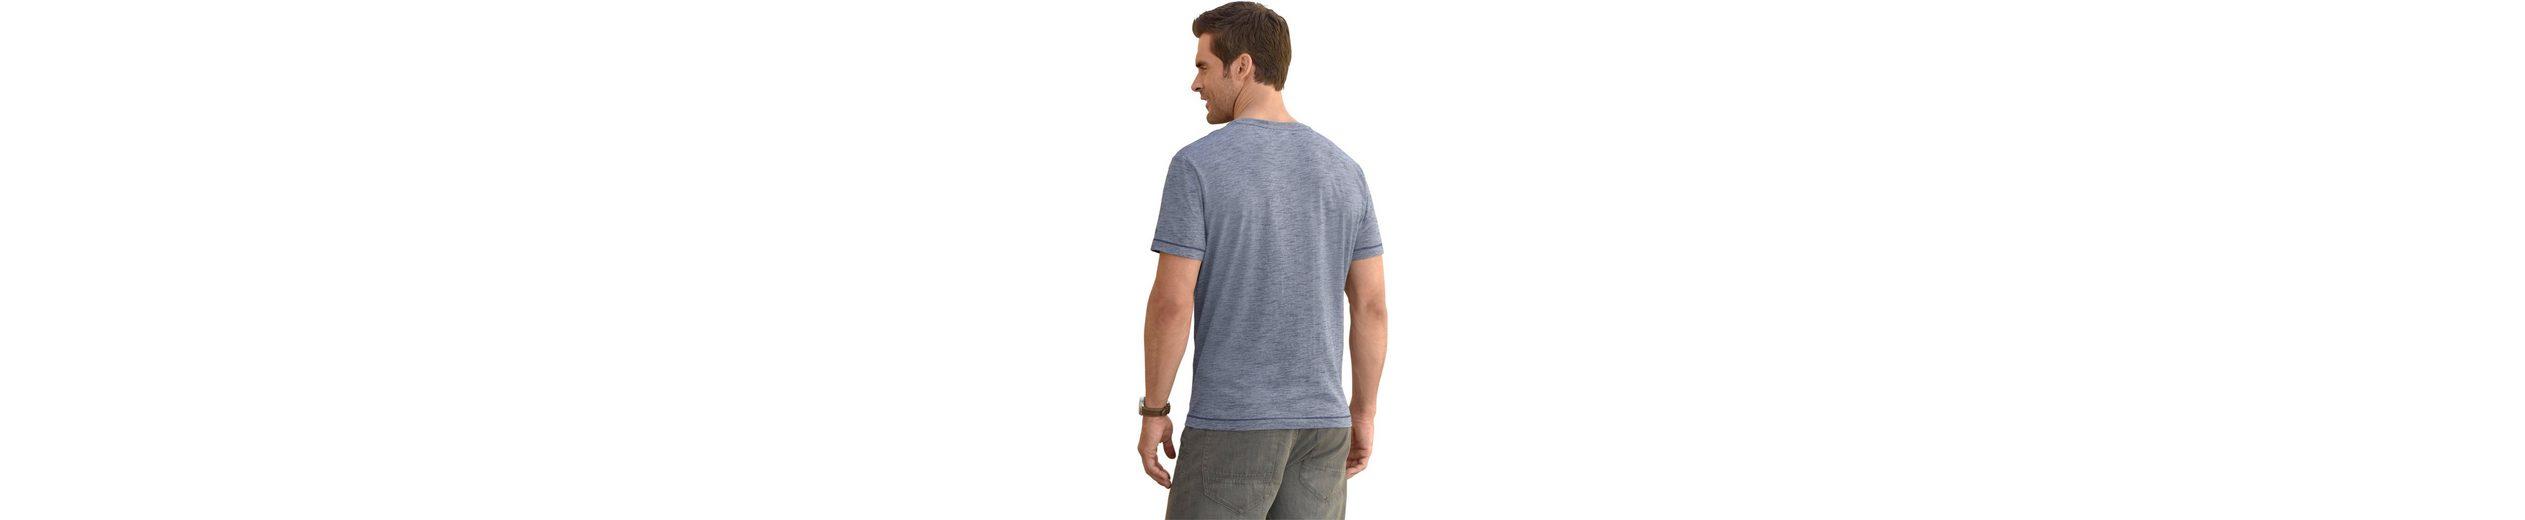 Marco Donati Kurzarm-Shirt in Flammgarn-Qualität Billig Bester Verkauf Bestseller Online Rabatt Neueste Auslass Niedrig Versandkosten Wahl 8XD5Pdi